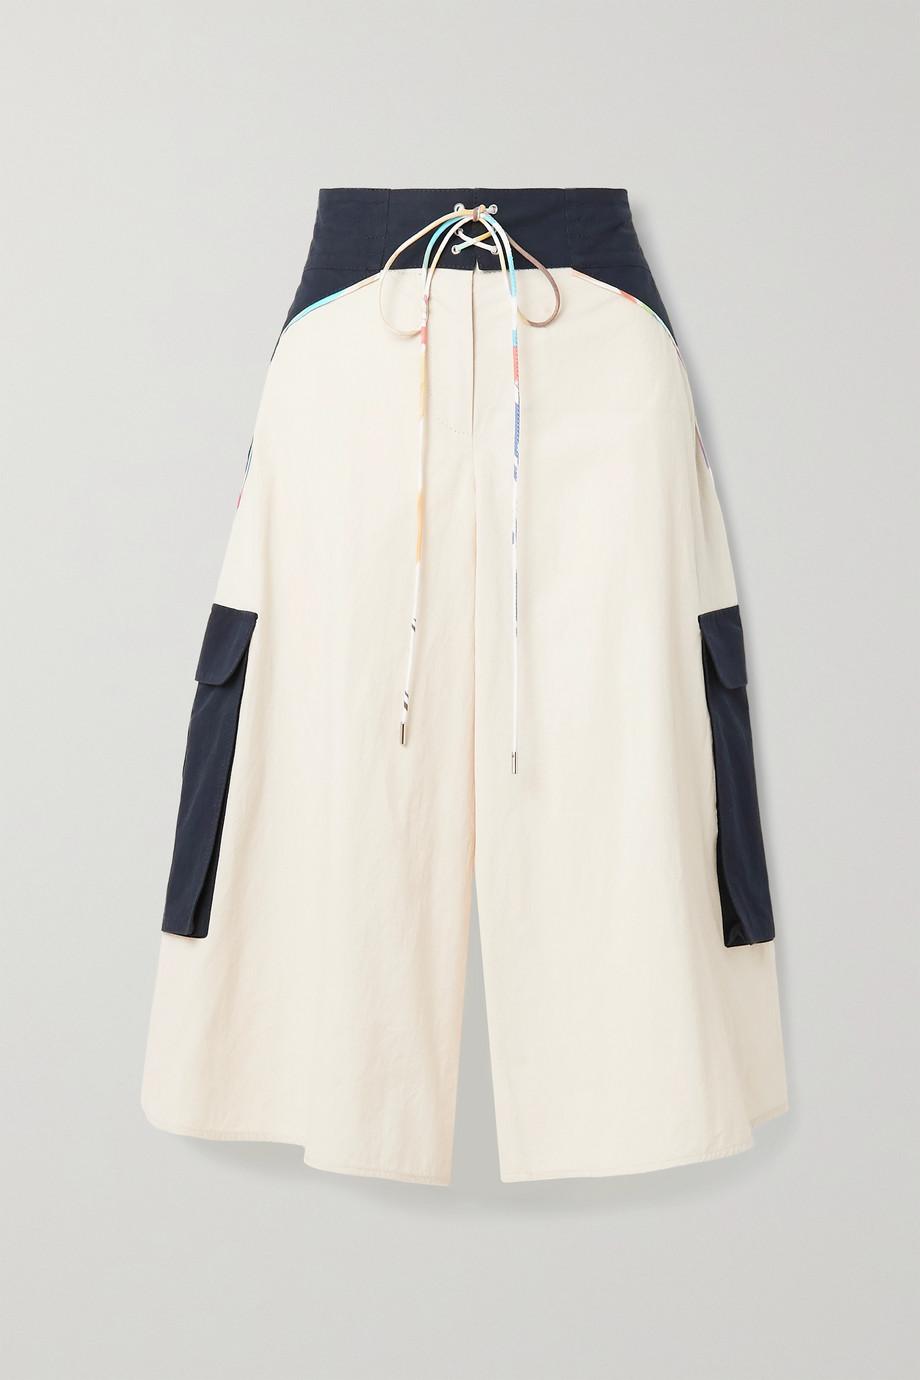 Rosie Assoulin Surf Culottes aus Baumwollpopeline mit Schnürung